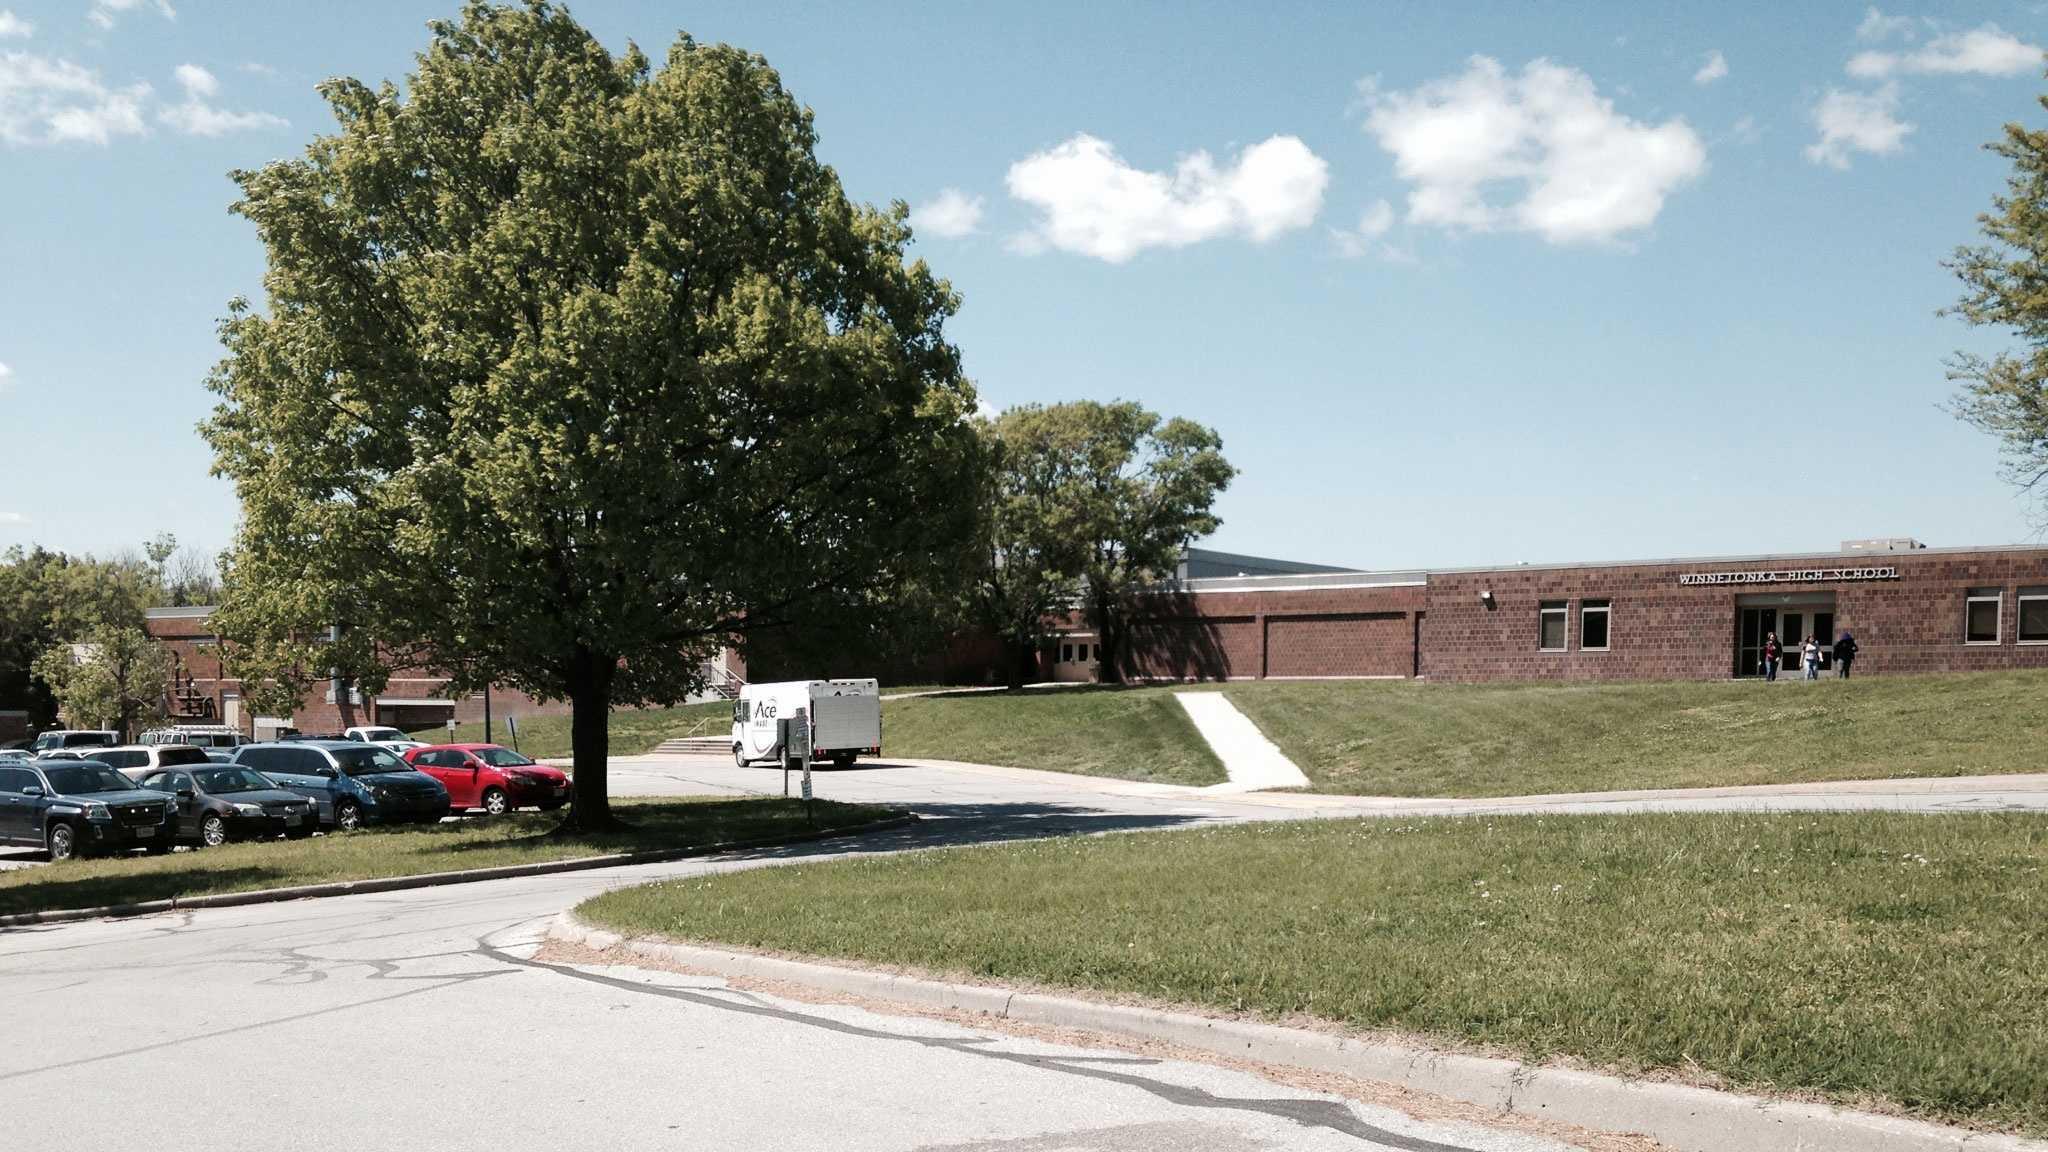 Winnetonka High School fight